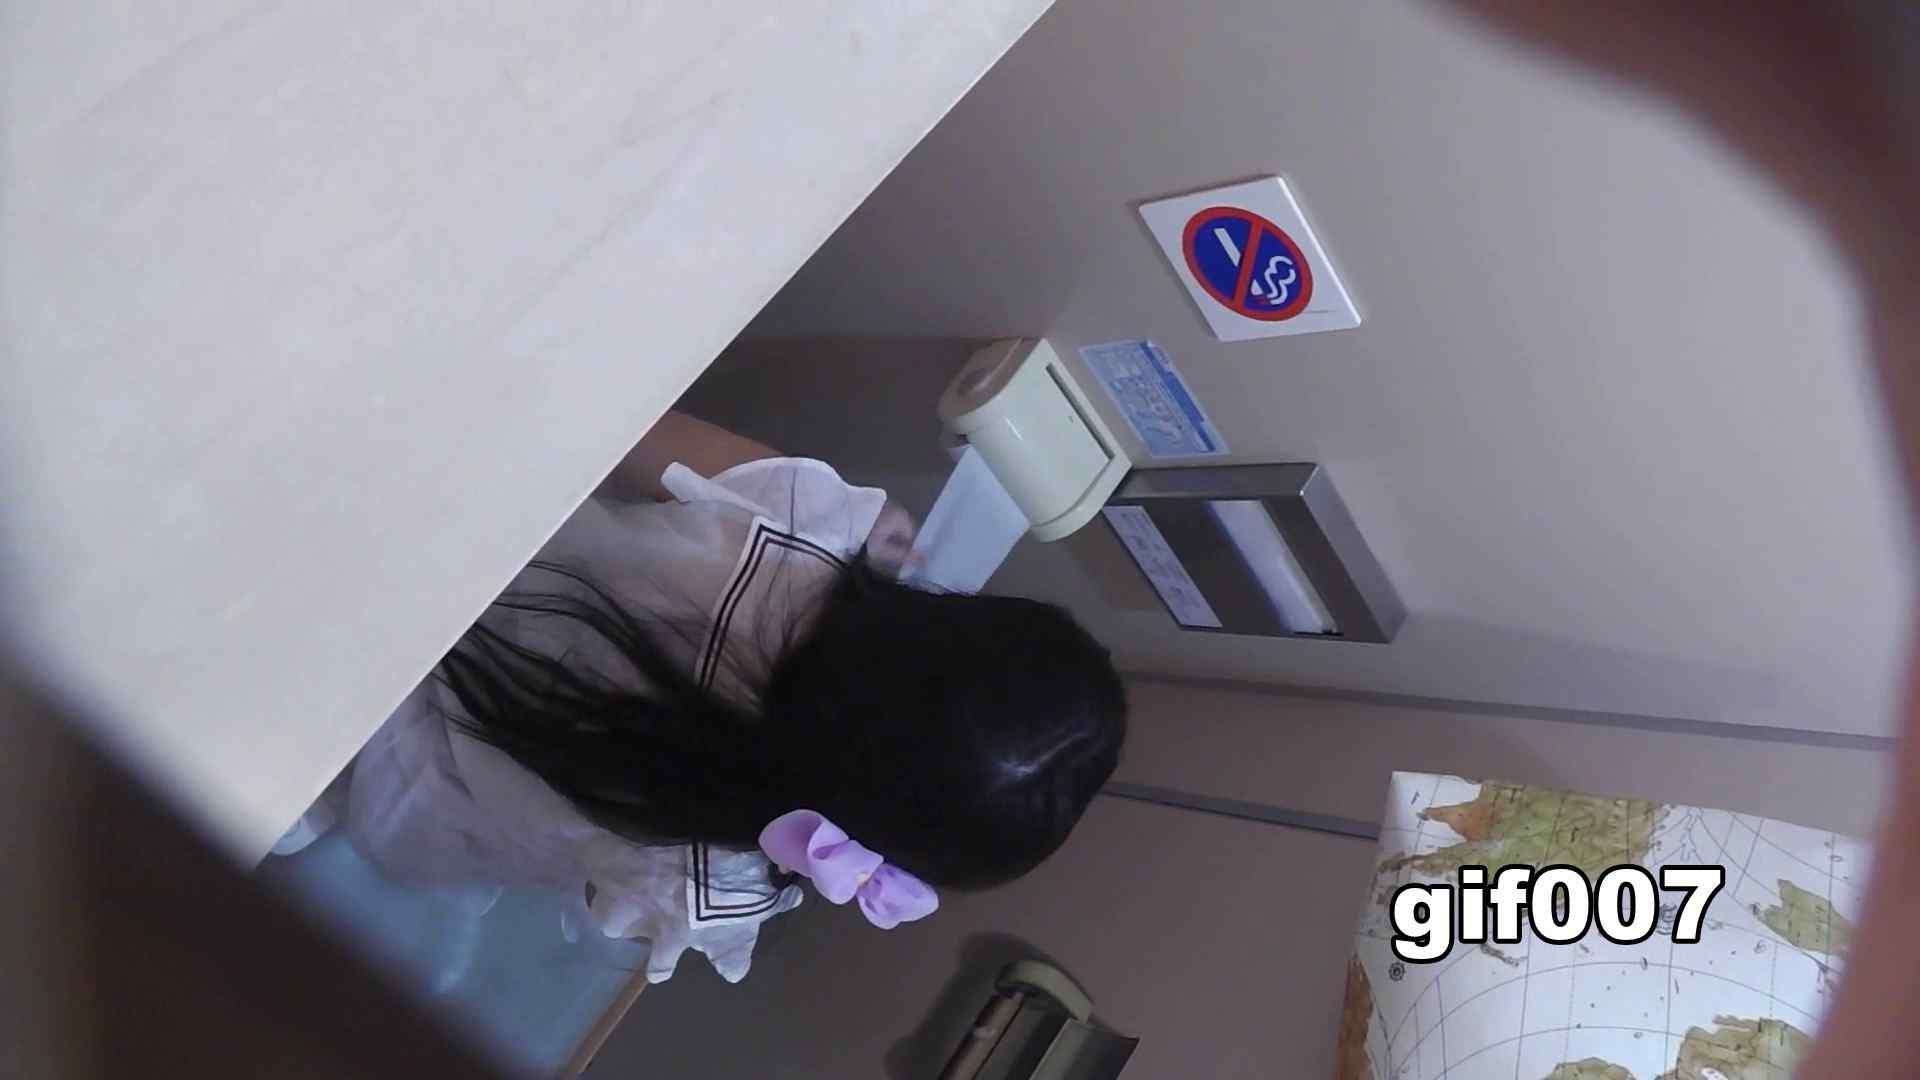 美女詰め合わせギフトvol.07 ようこそ幻想の世界へ 洗面所 ワレメ動画紹介 93画像 46